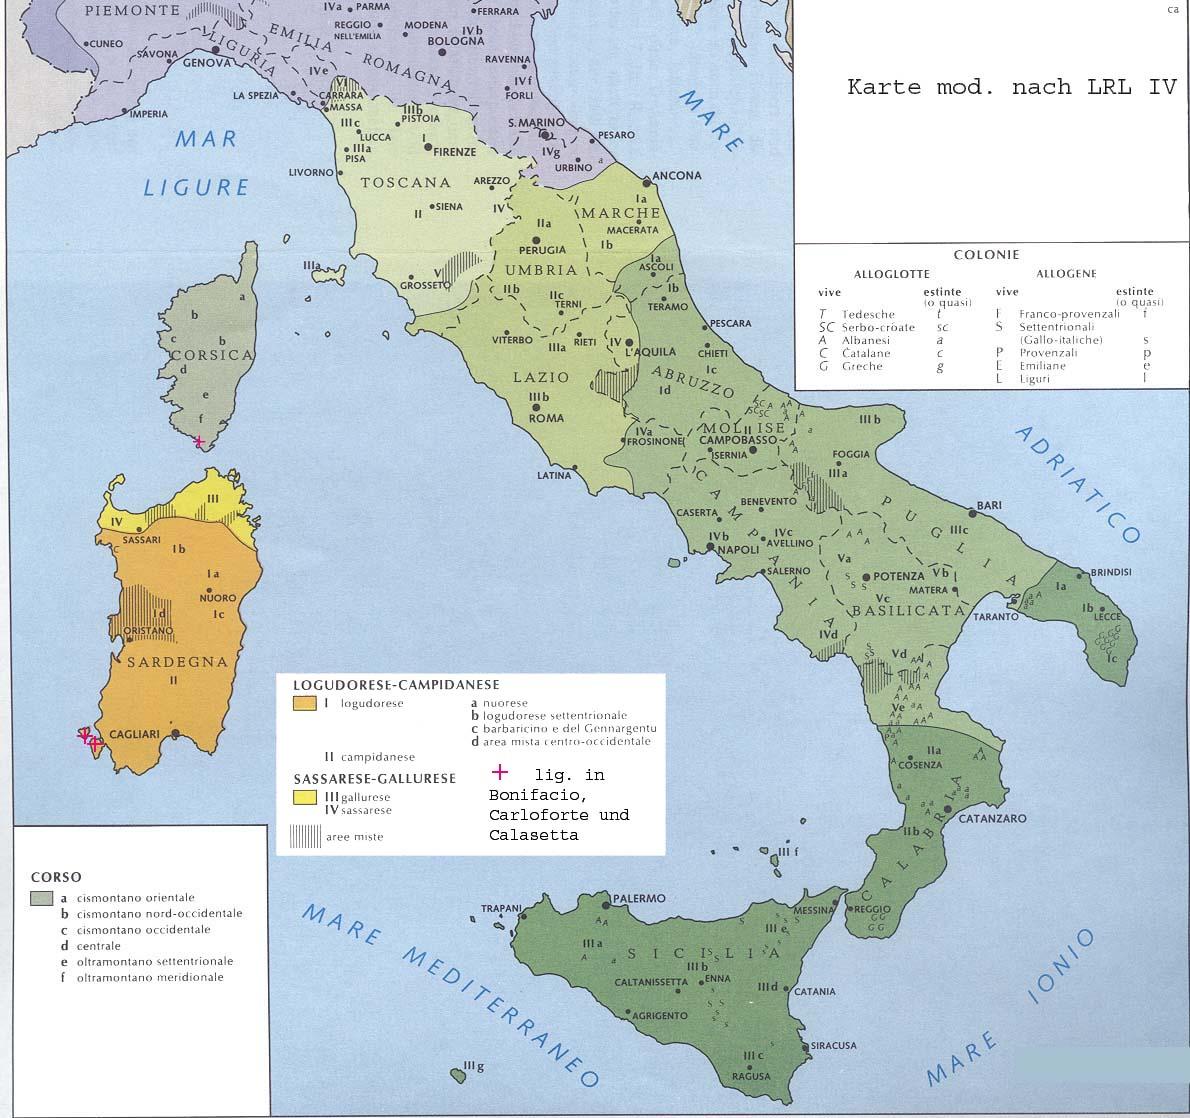 Korsika, Sardinien und die Visualisierung der ital. Dialekte nach LRL IV